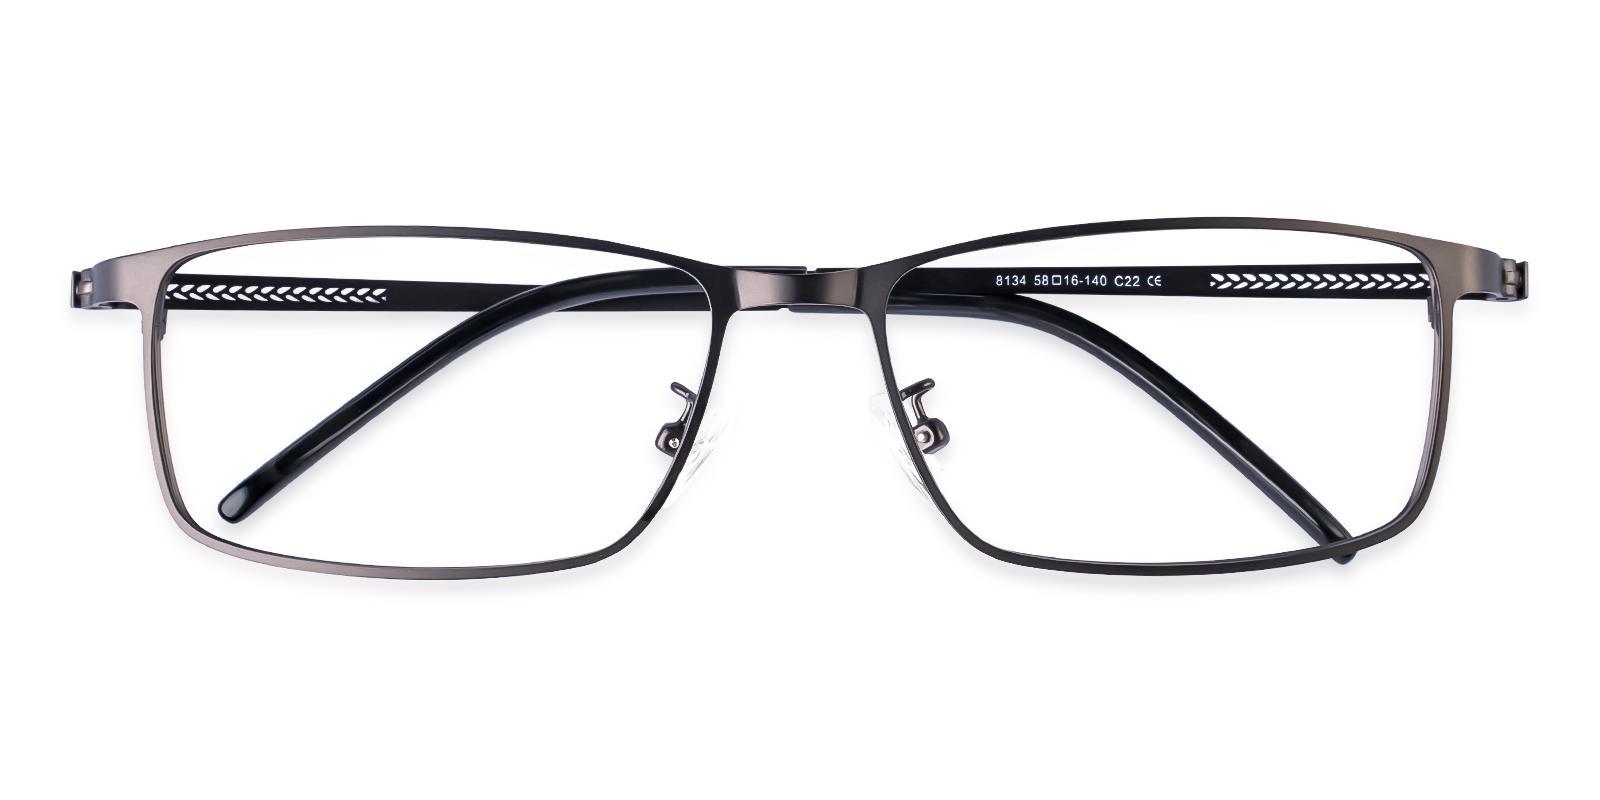 Daniel Gun Metal Eyeglasses , NosePads Frames from ABBE Glasses